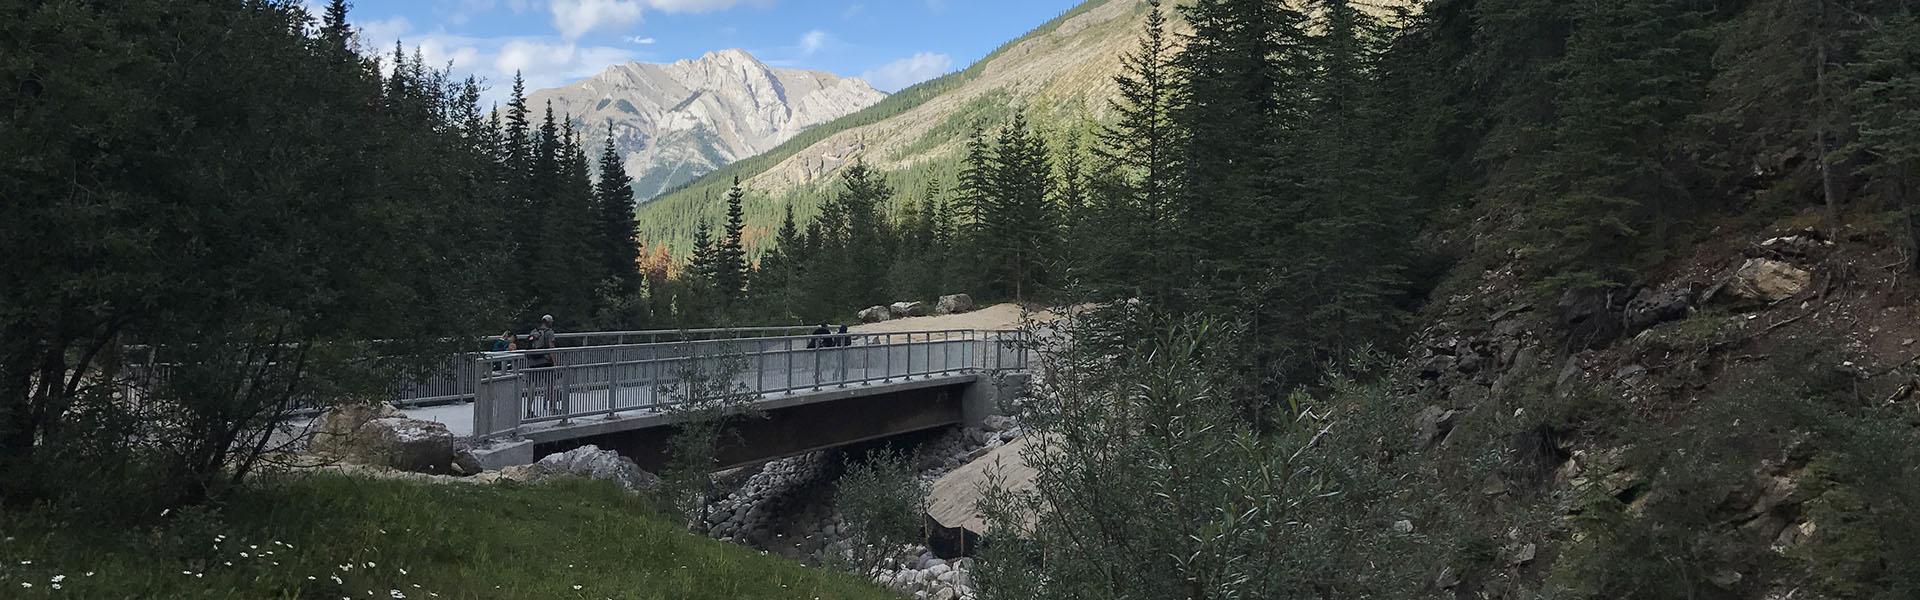 Sulpher_creek_bridge_banner